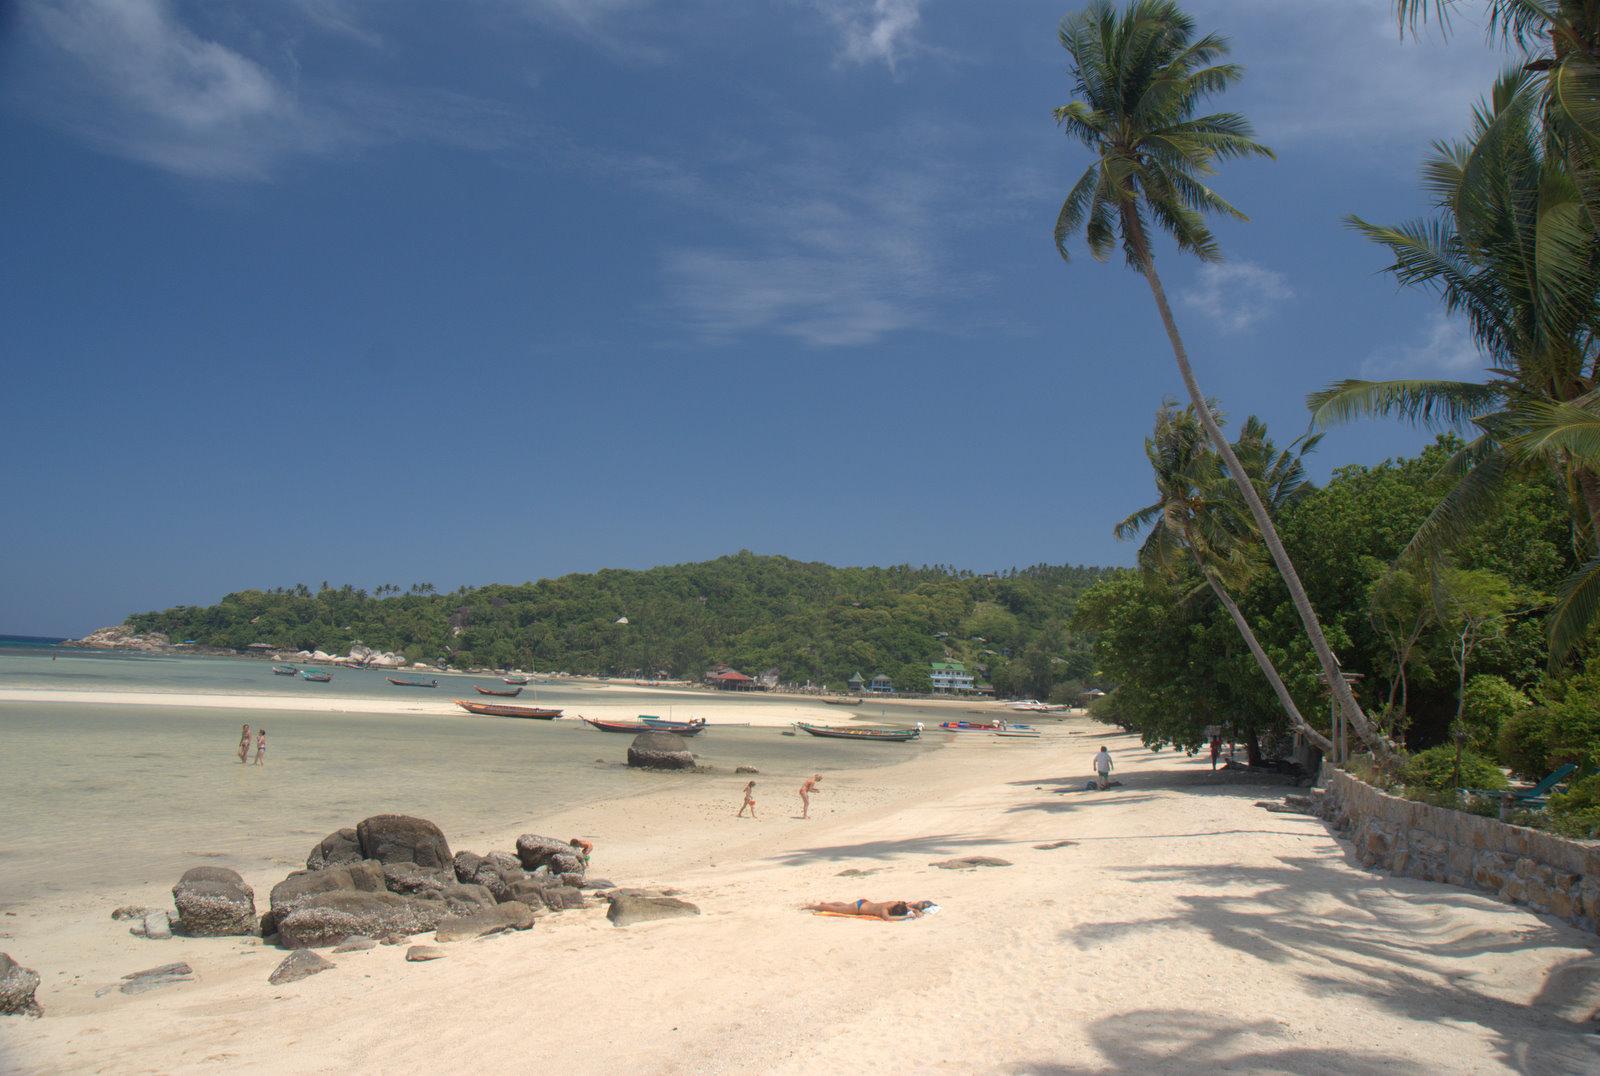 Trzy rajskie wyspy, pierwszy snorkeling i... 8